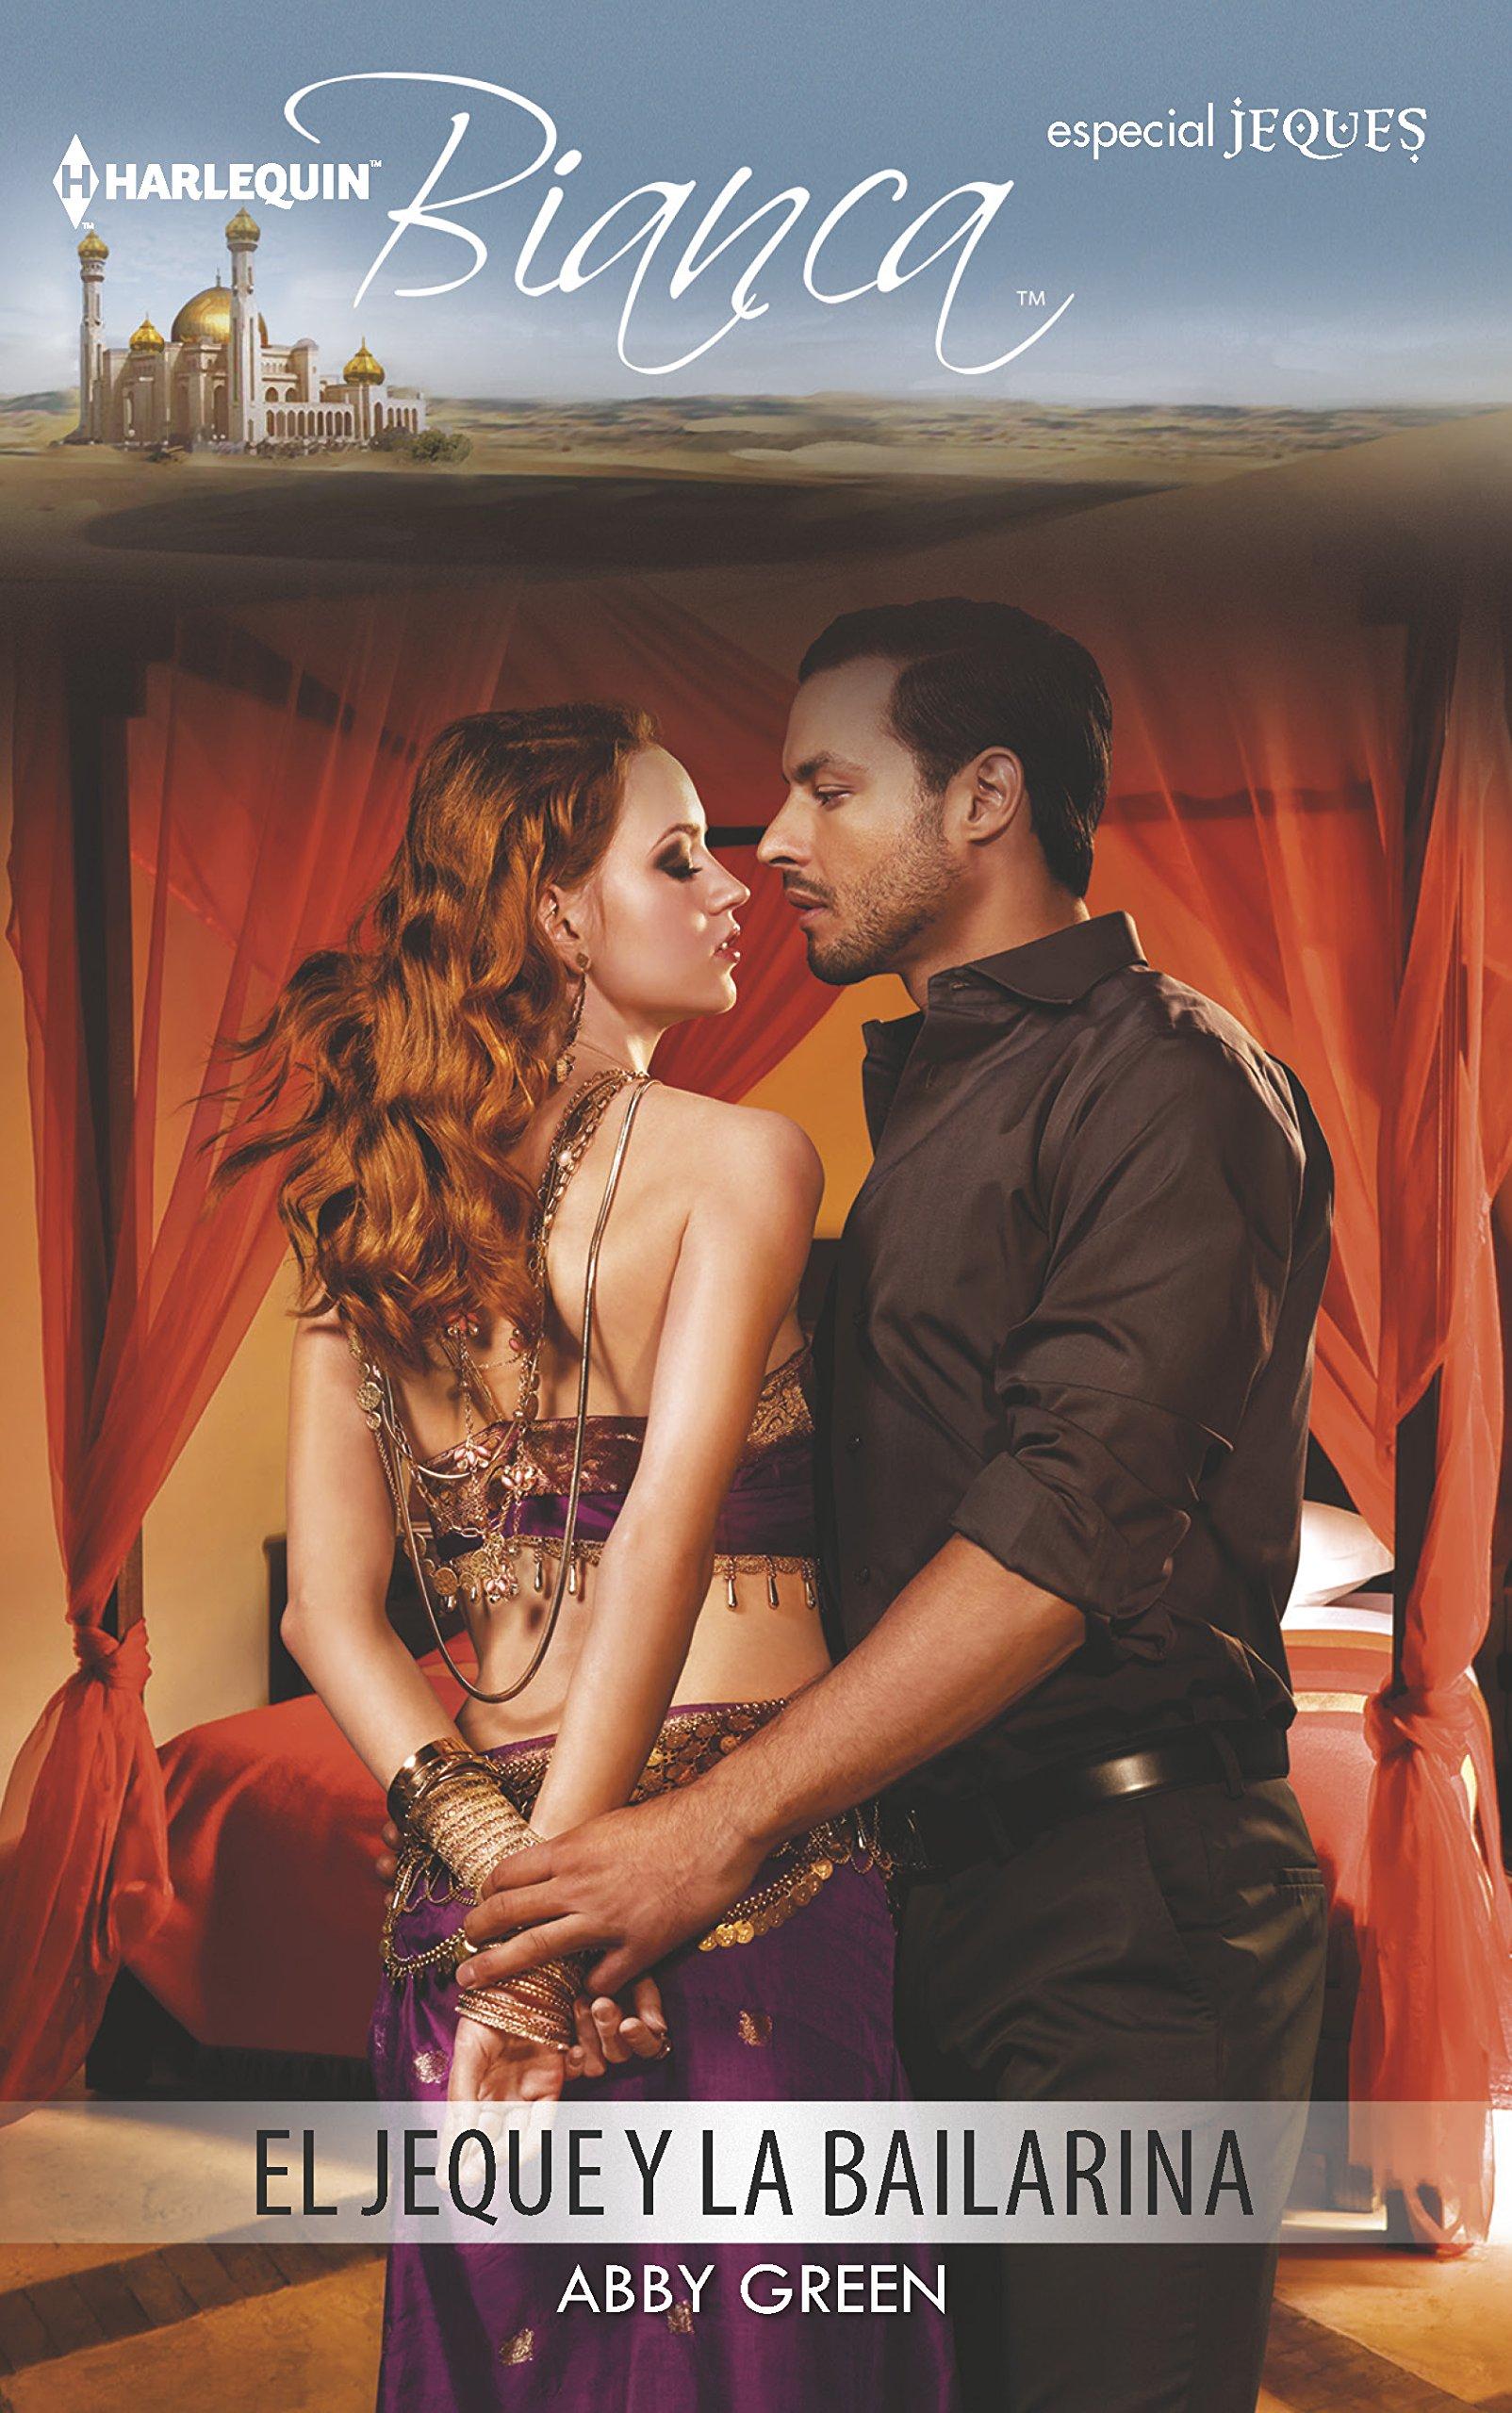 El jeque y la bailarina: (The Sheik and the Dancer) (Harlequin Bianca) (Spanish Edition) ebook